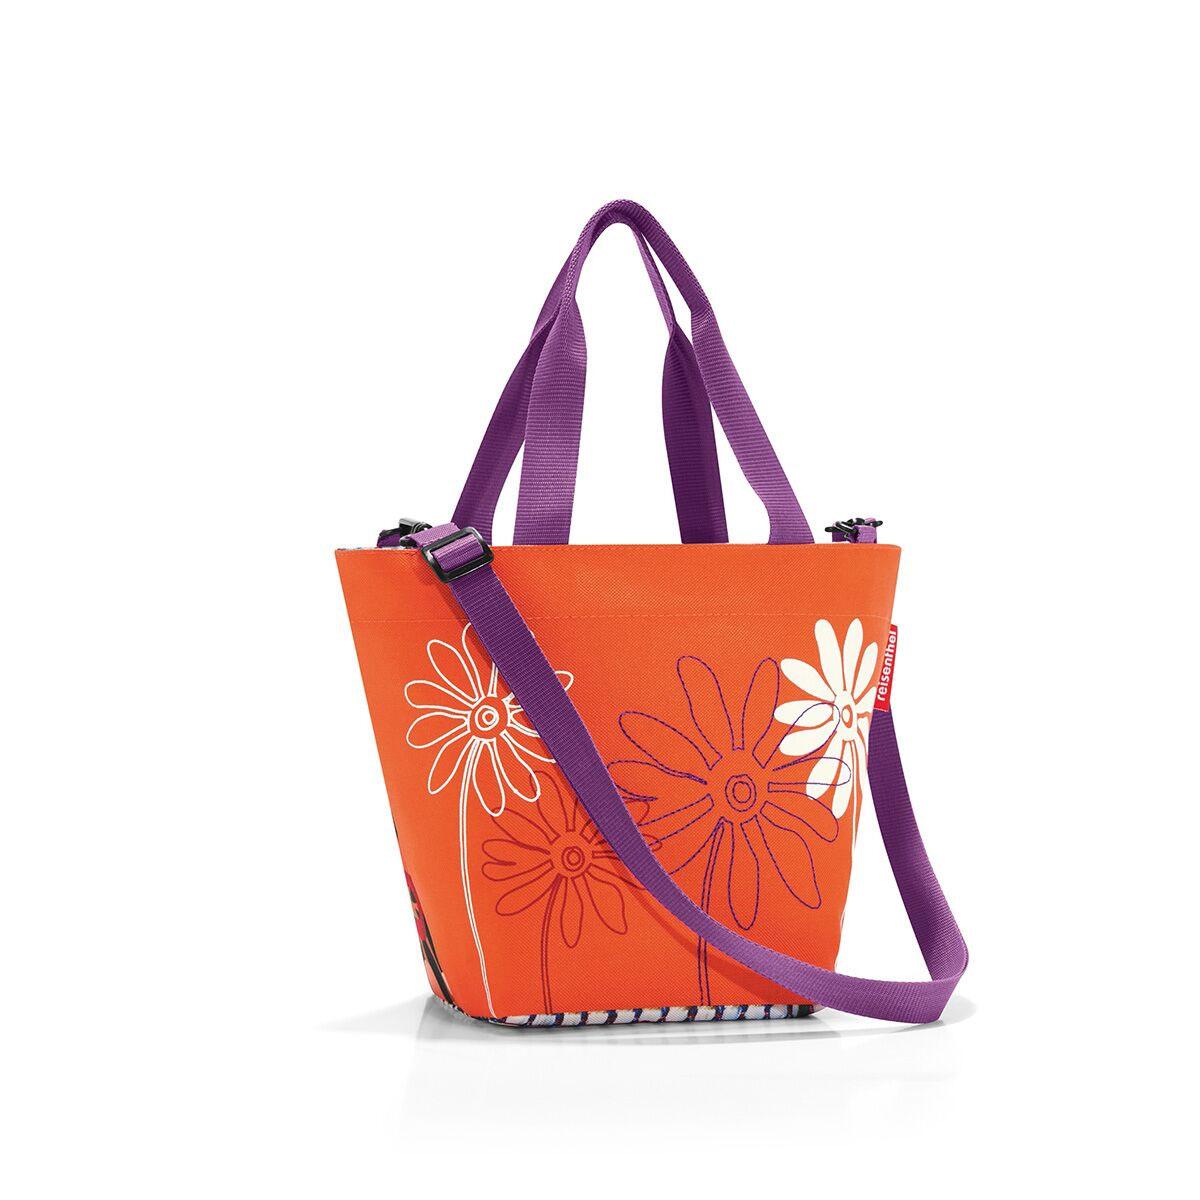 Сумка женская Reisenthel, цвет: оранжевый, фиолетовый, белый. ZR4043ZR4043Компактная женская сумка Reisenthel, выполненная из текстиля, оформлена оригинальным принтом и вышивкой. Сумка имеет одно отделение, которое закрывается на застежку-молнию. Внутри расположен нашивной карман на застежке-молнии. Сумка оснащена двумя ручками. В комплект входит съемный регулируемый наплечный ремень.